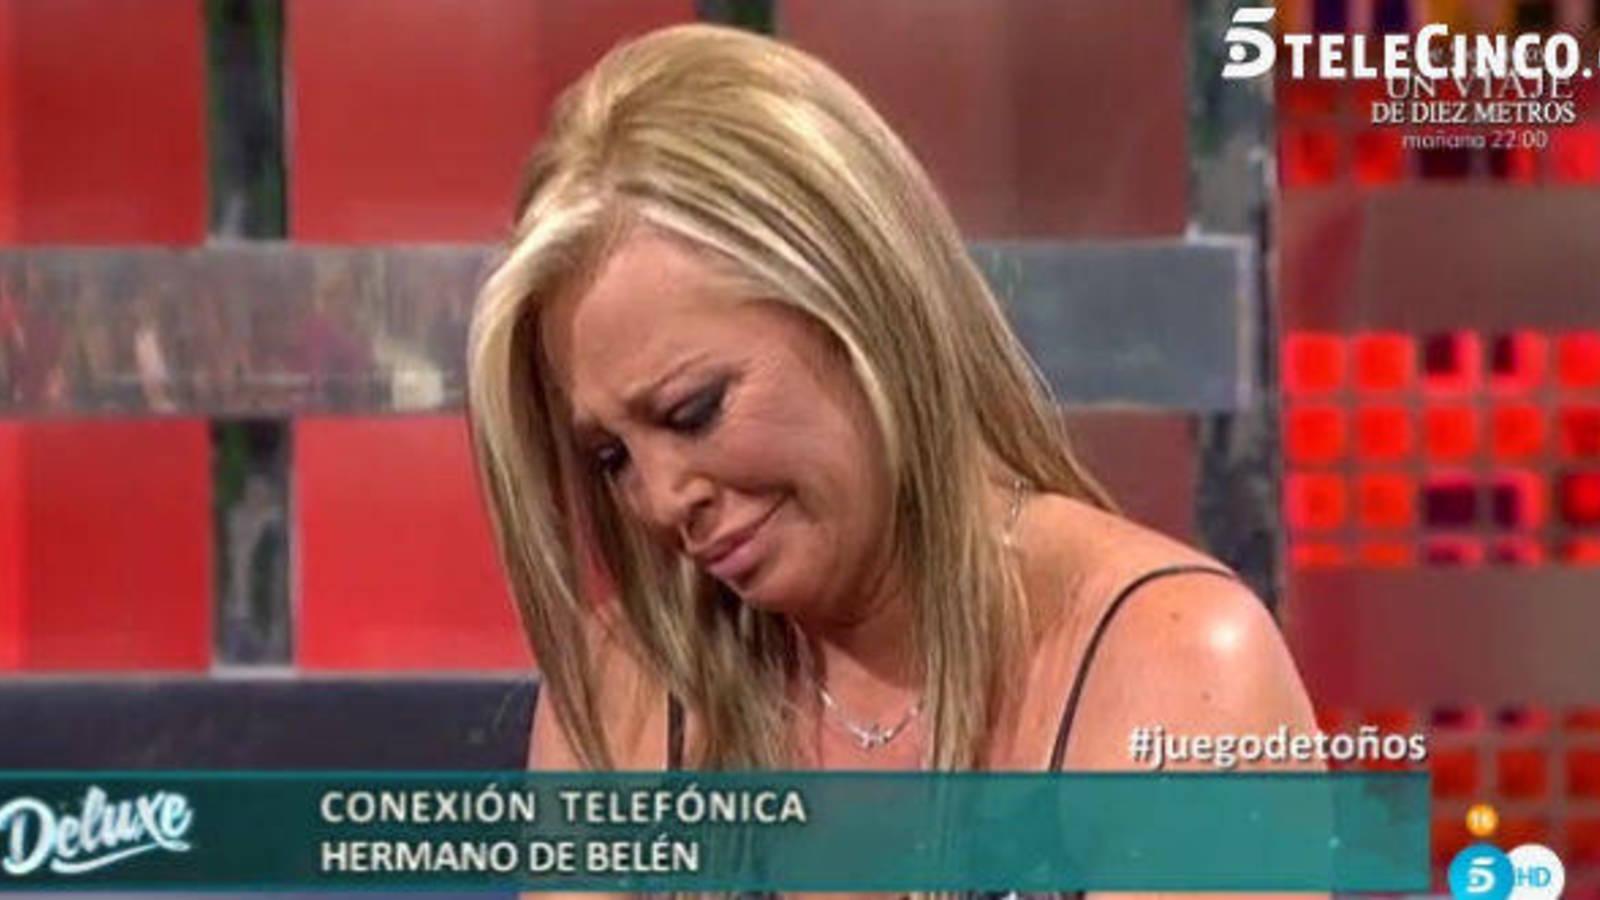 La confesión de su hermano confirmando el abandono de su padre, deja rota a Belén Esteban